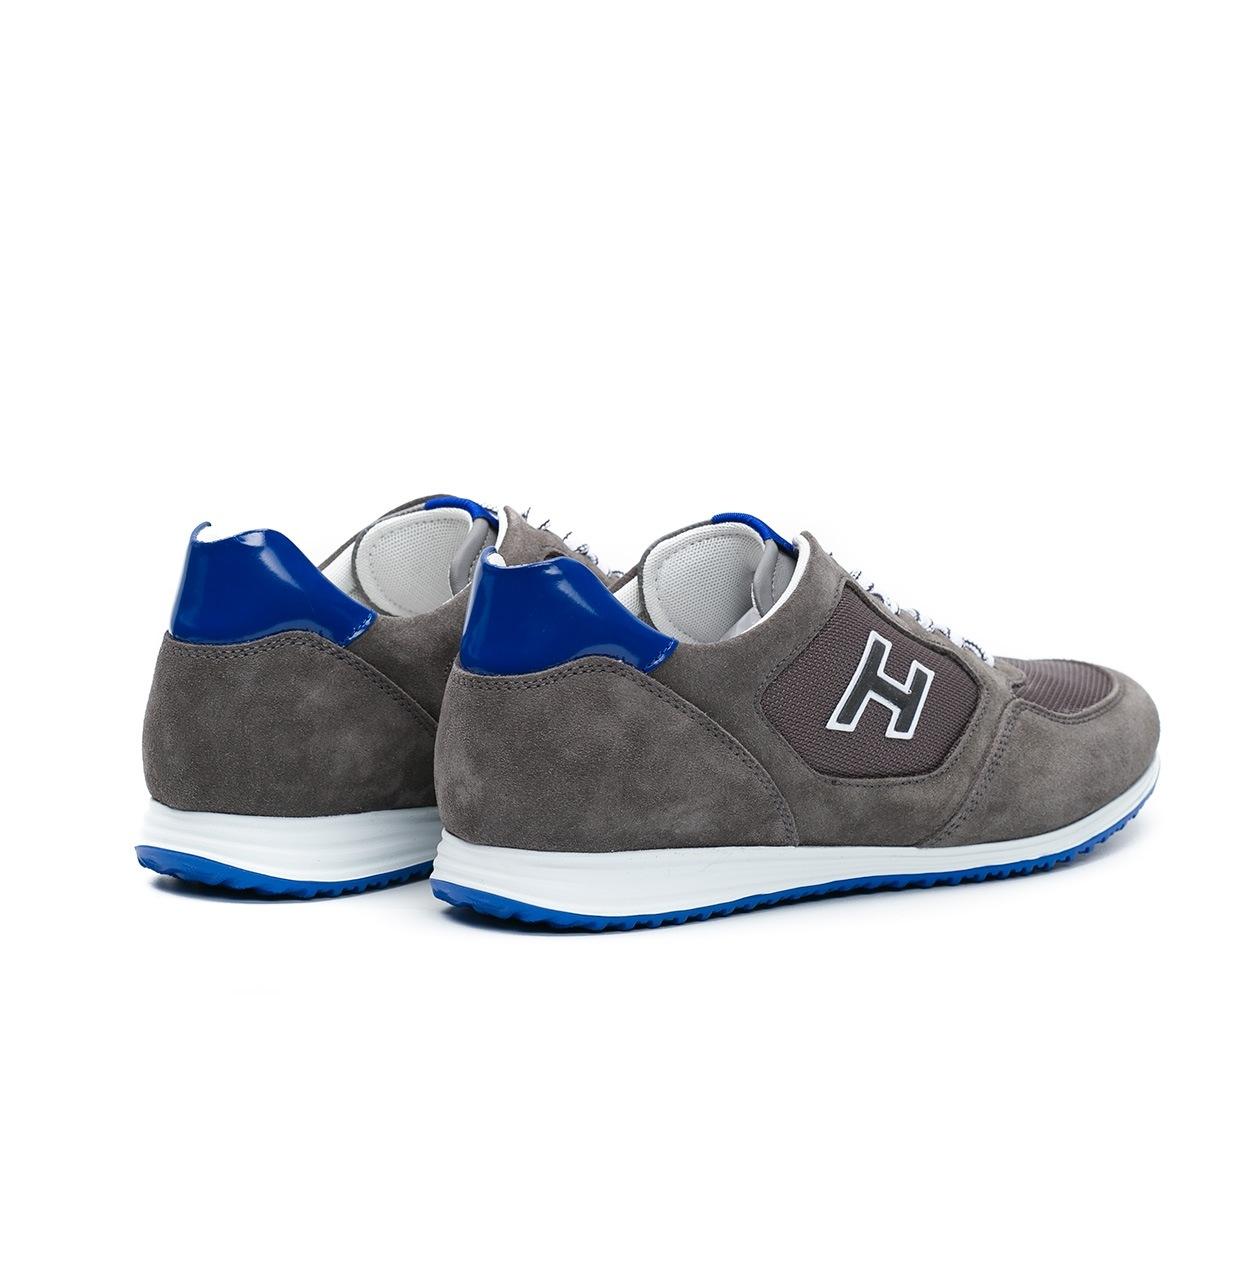 Calzado sport OLYMPIA color gris, combinación de serraje, loneta y apliques en piel. - Ítem2